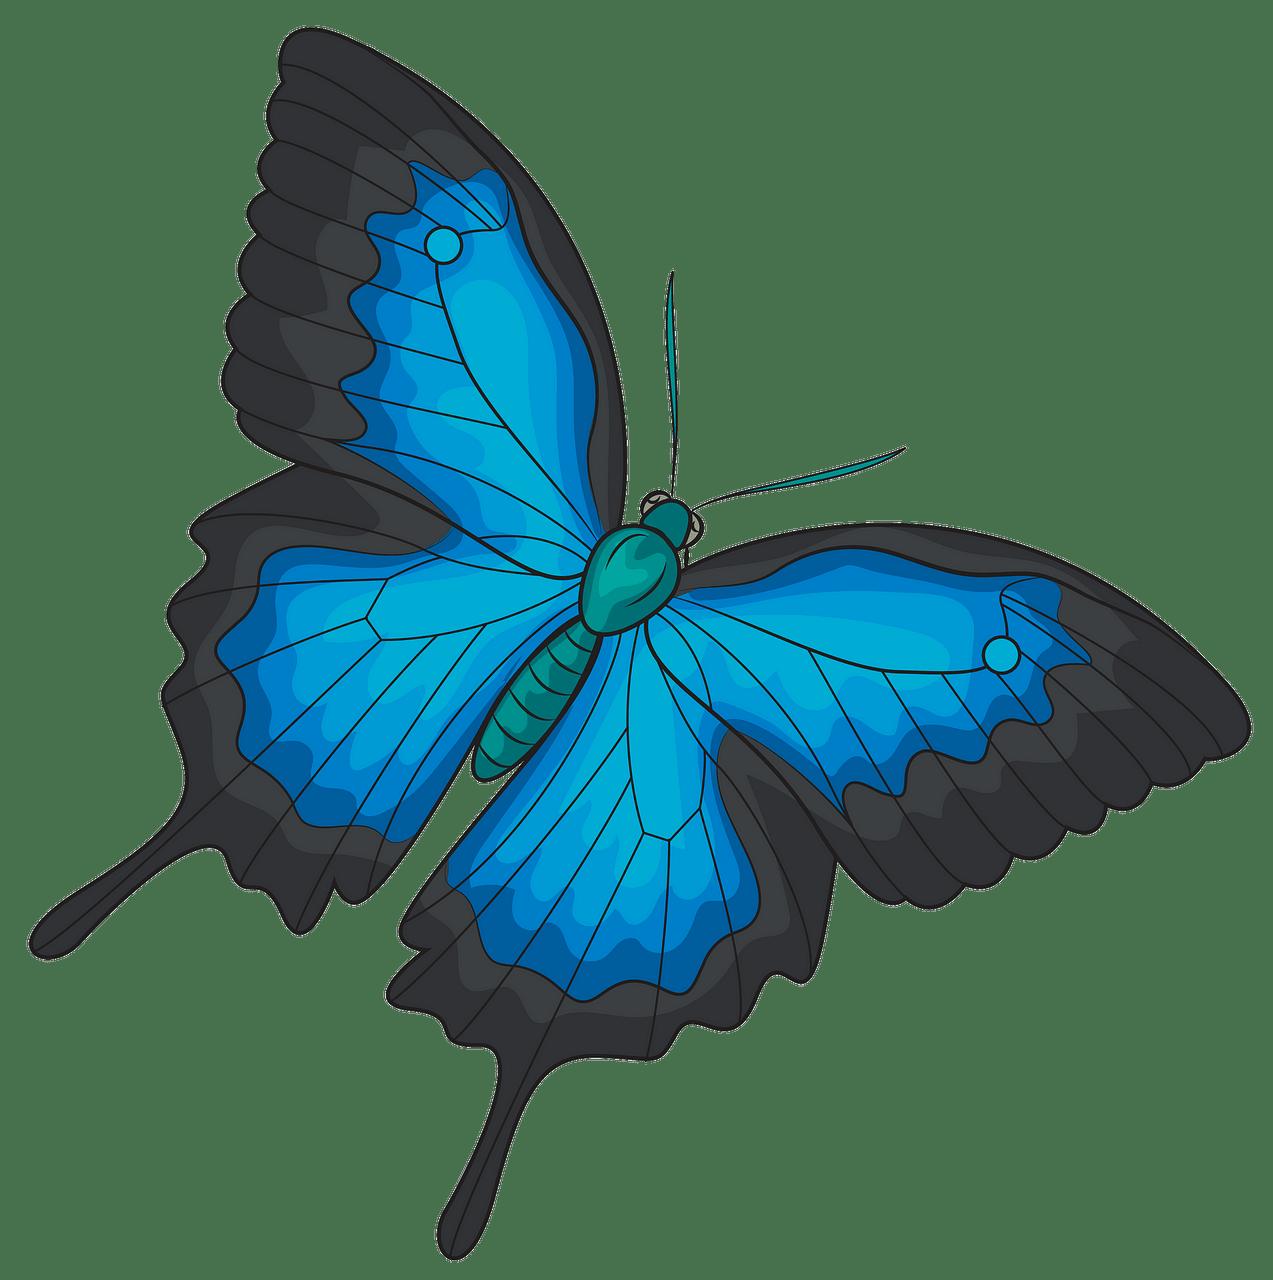 Farfalla Ulisse immagine clipart. Scarica Gratis..